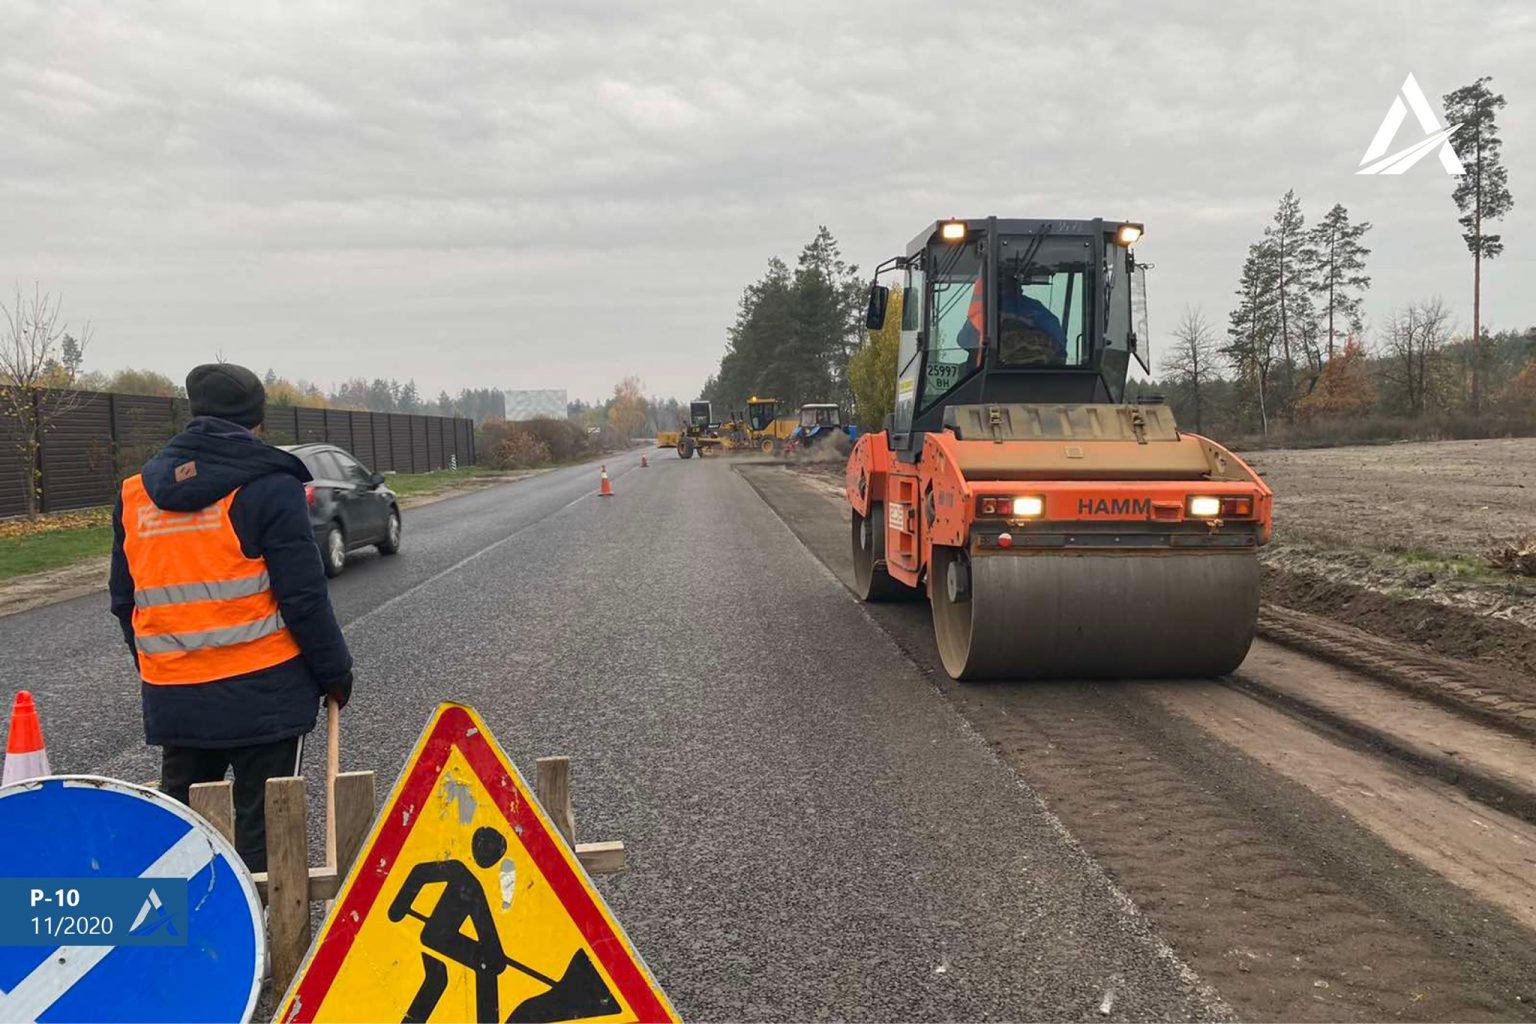 Ще 9 кілометрів дороги між Мошнами та Софіївкою Черкаського району відремонтували